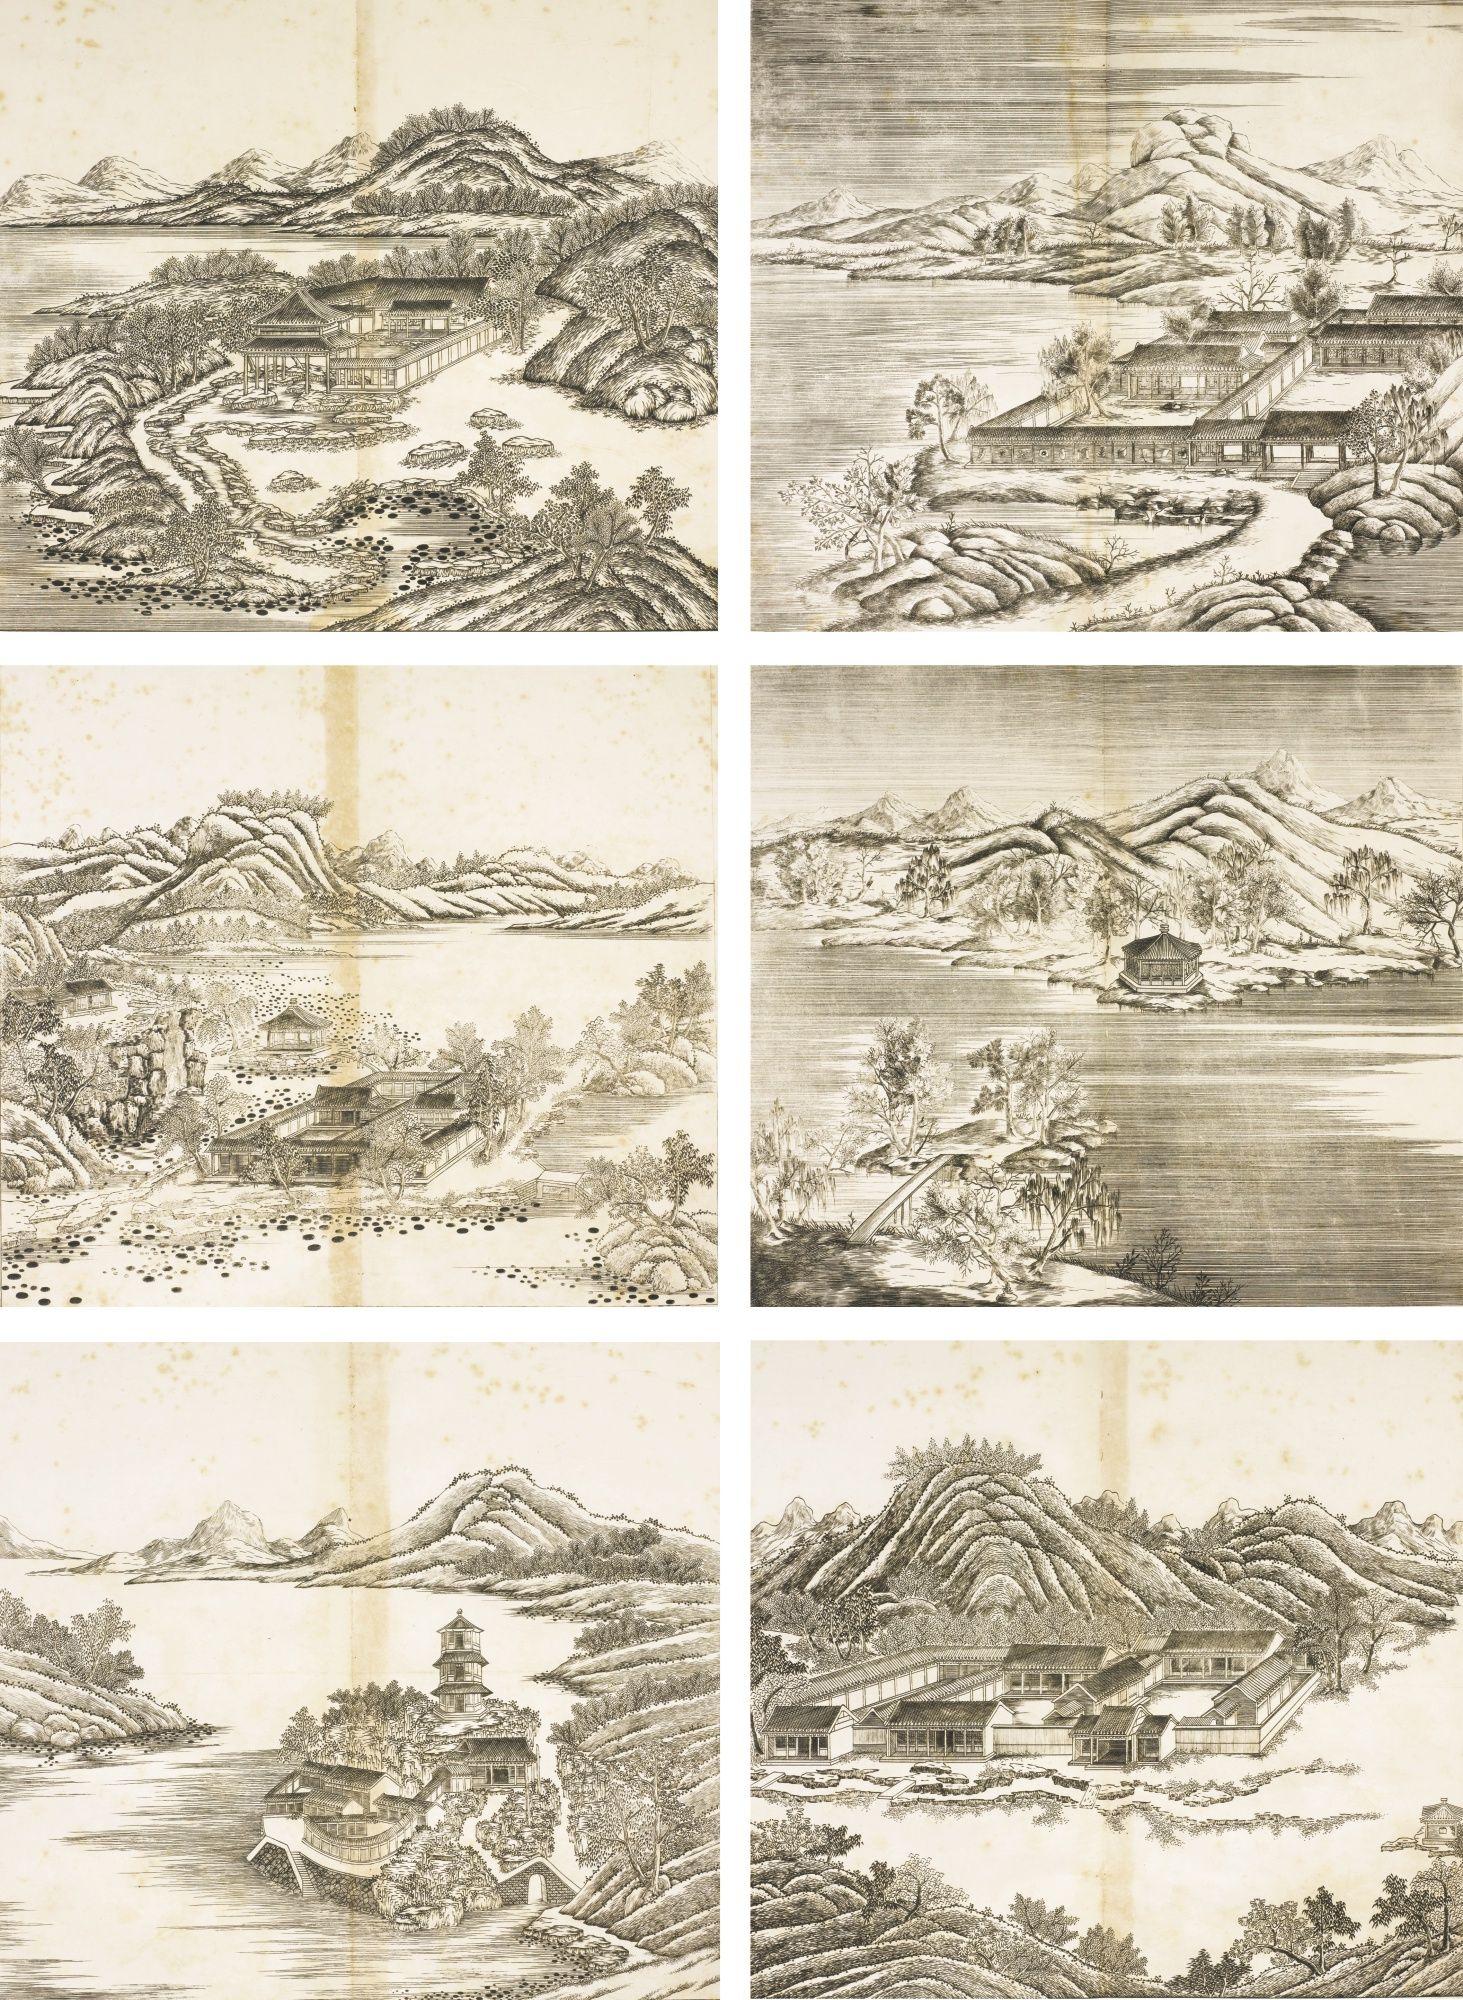 Matteo Ripa 1682 1746 Trente Six Vues De La Demeure Montagneuse Pour Fuir Les Chaleurs Estivales Dynastie Qing Epoque Kangxi 1711 171 Prints Art Artwork